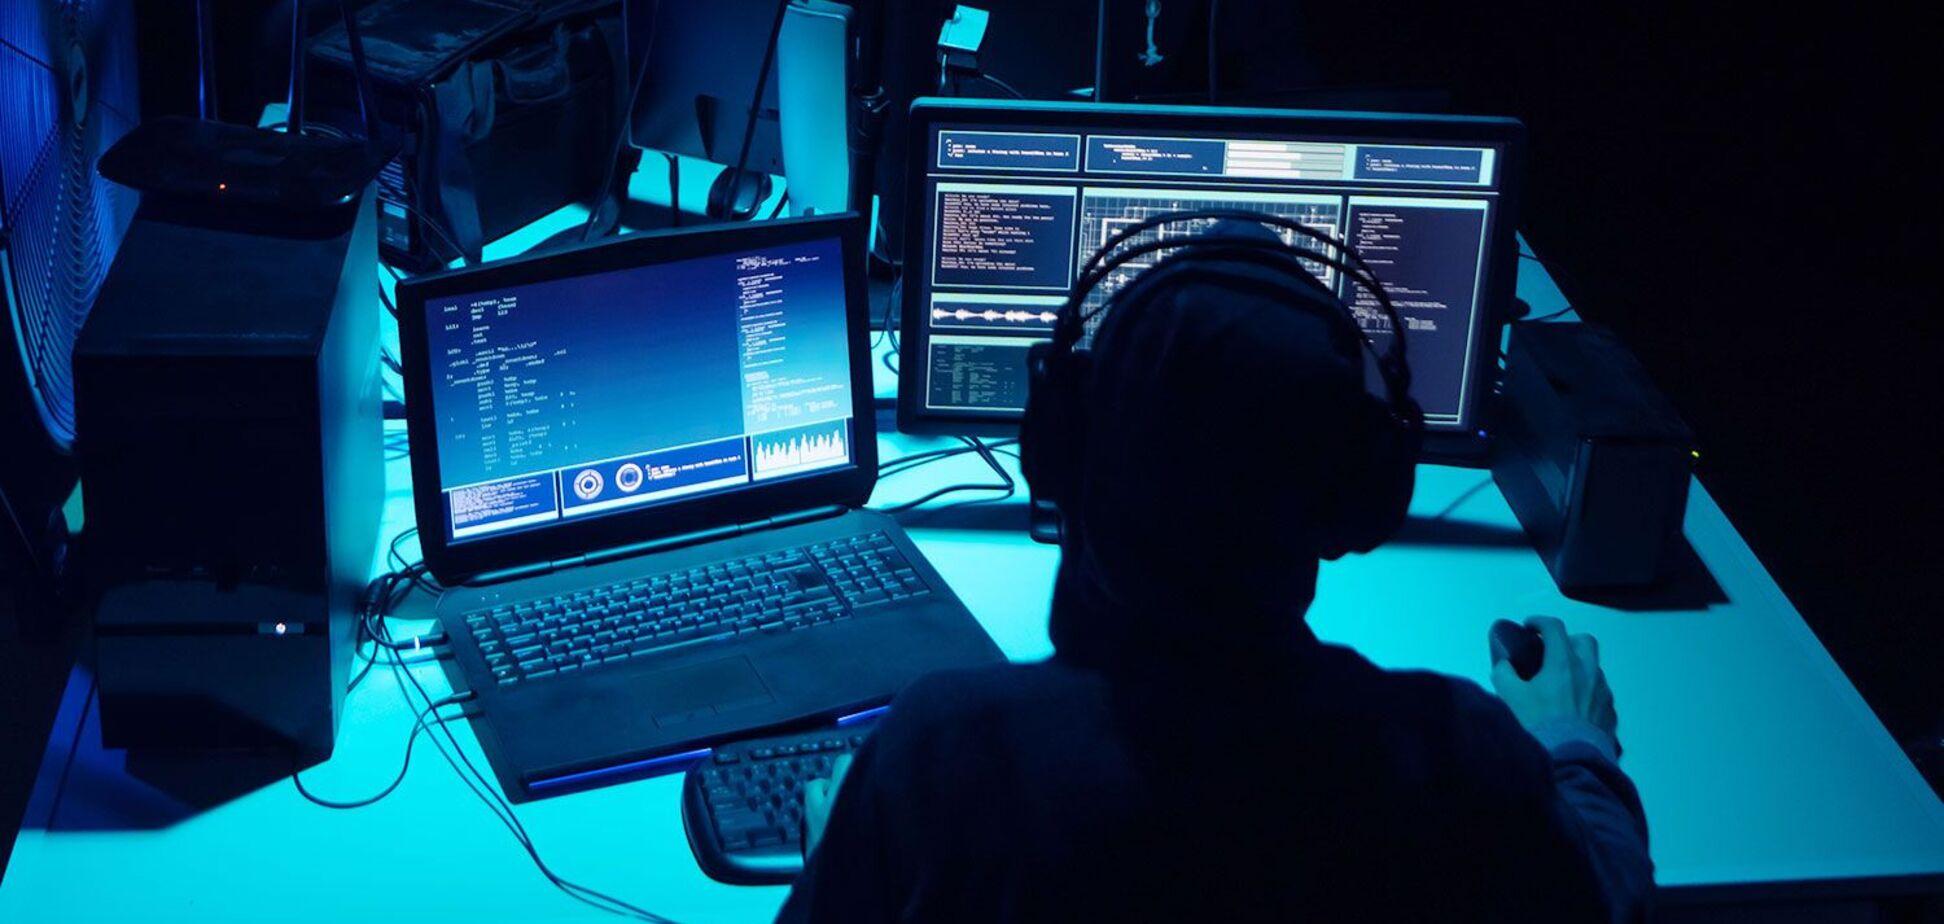 Хакерська атака в США: до чого тут Росія?